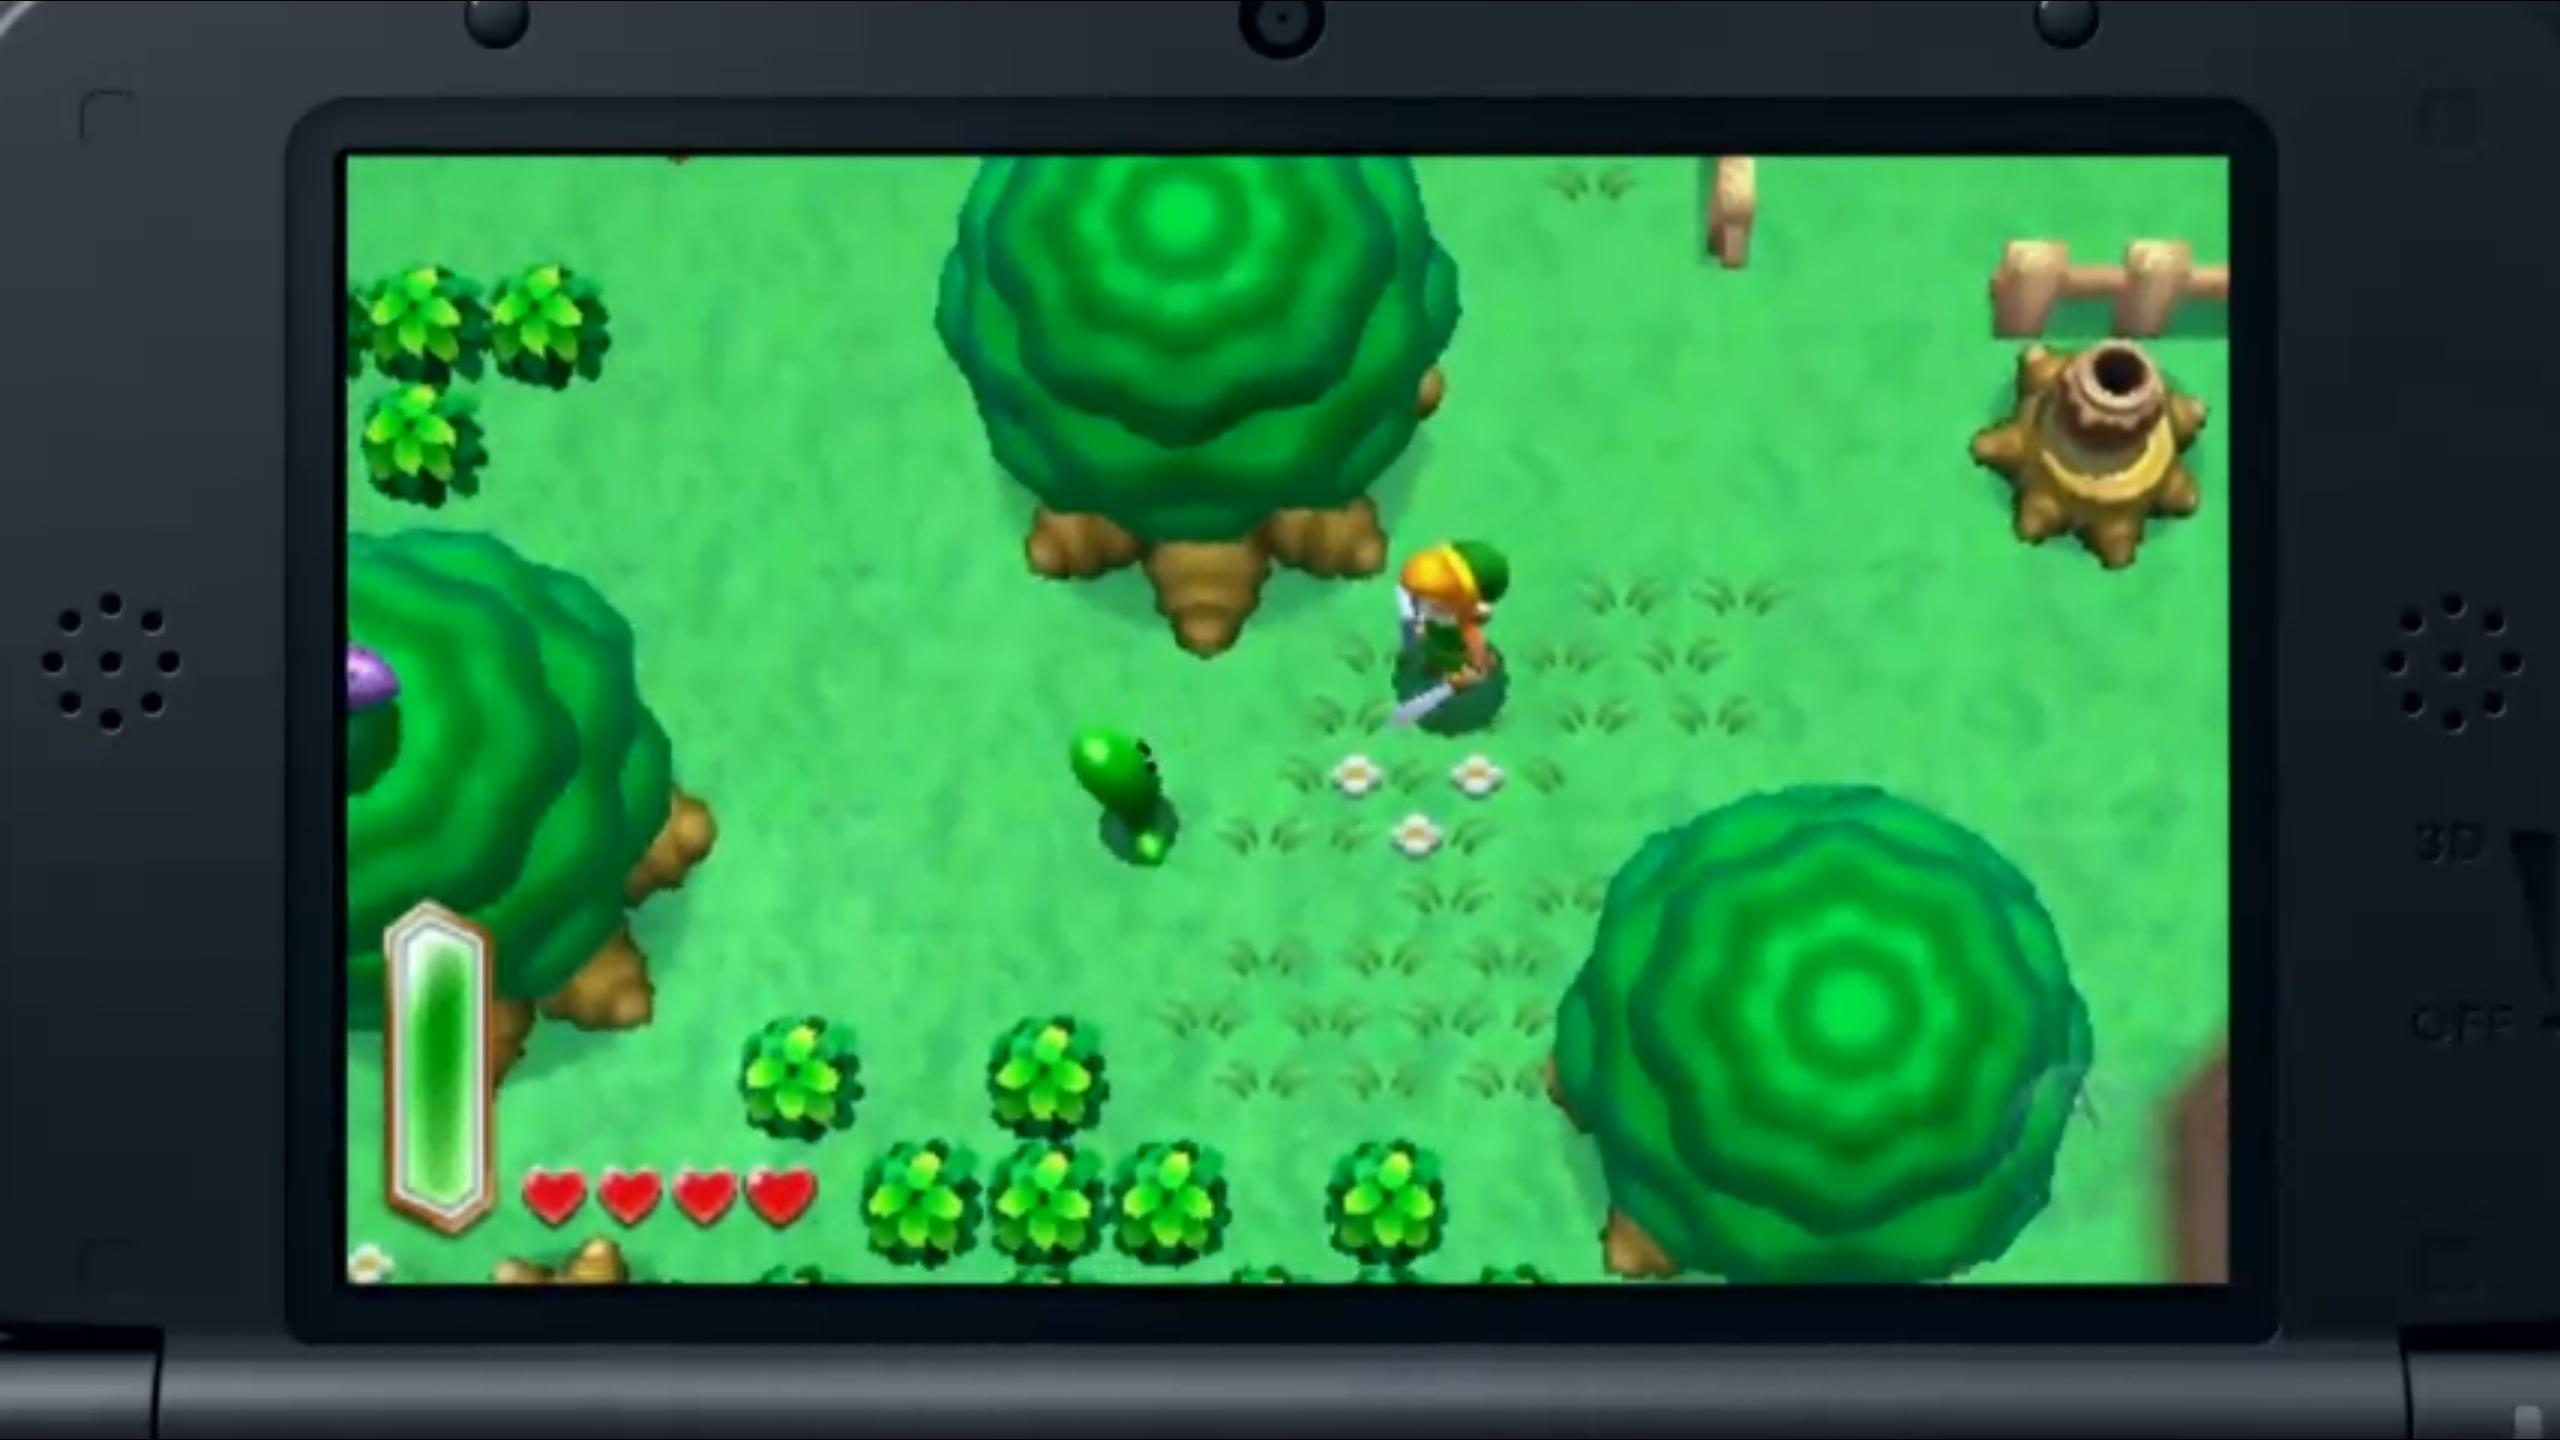 Zelda Link to the Past Nintendo Direct